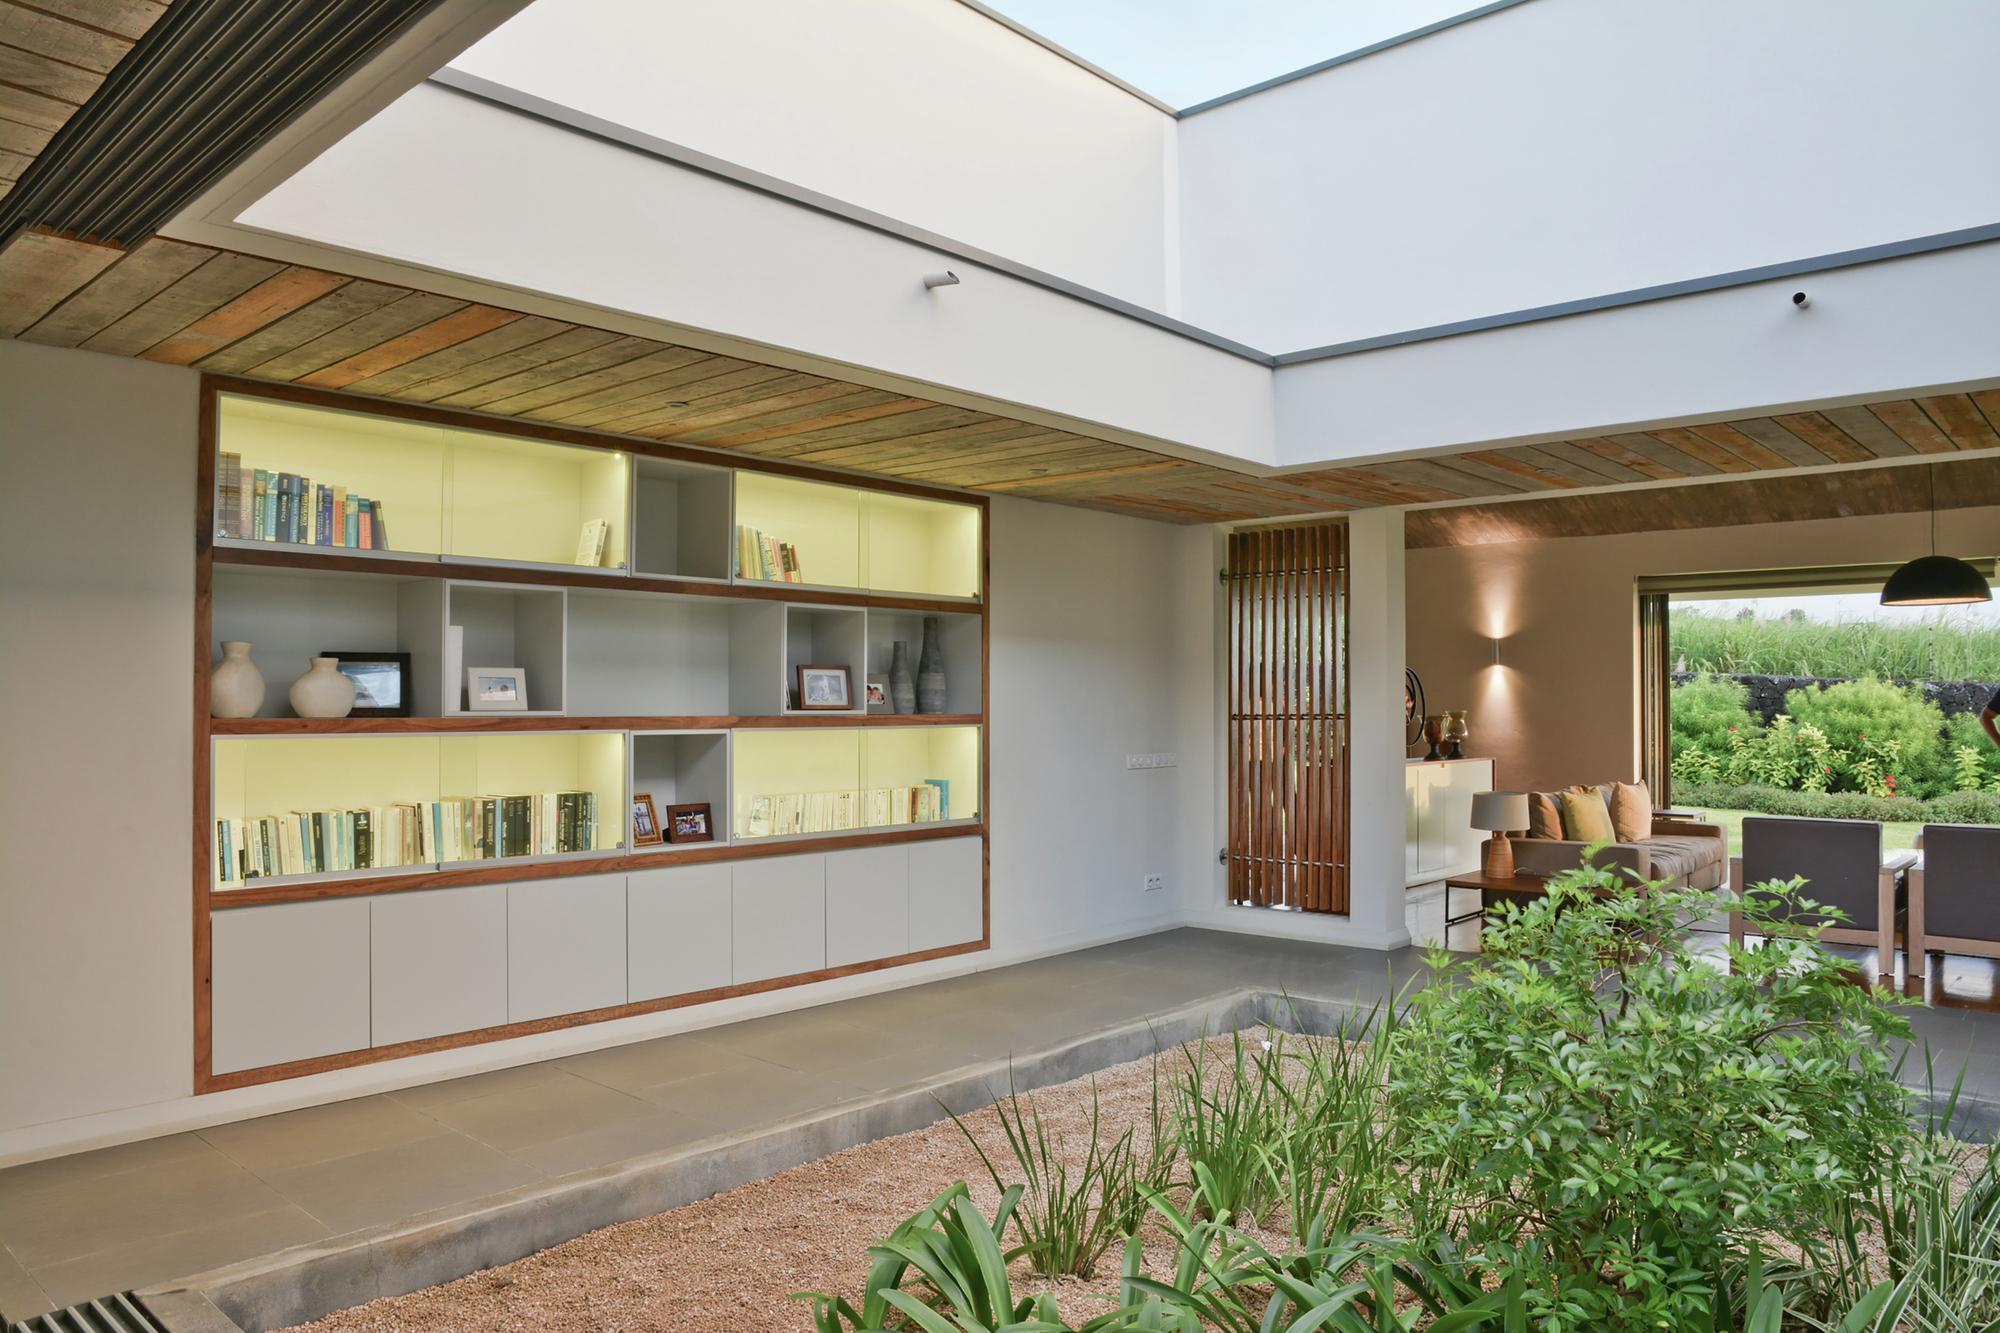 Casa patio rethink studio plataforma arquitectura for Casa lussuosa